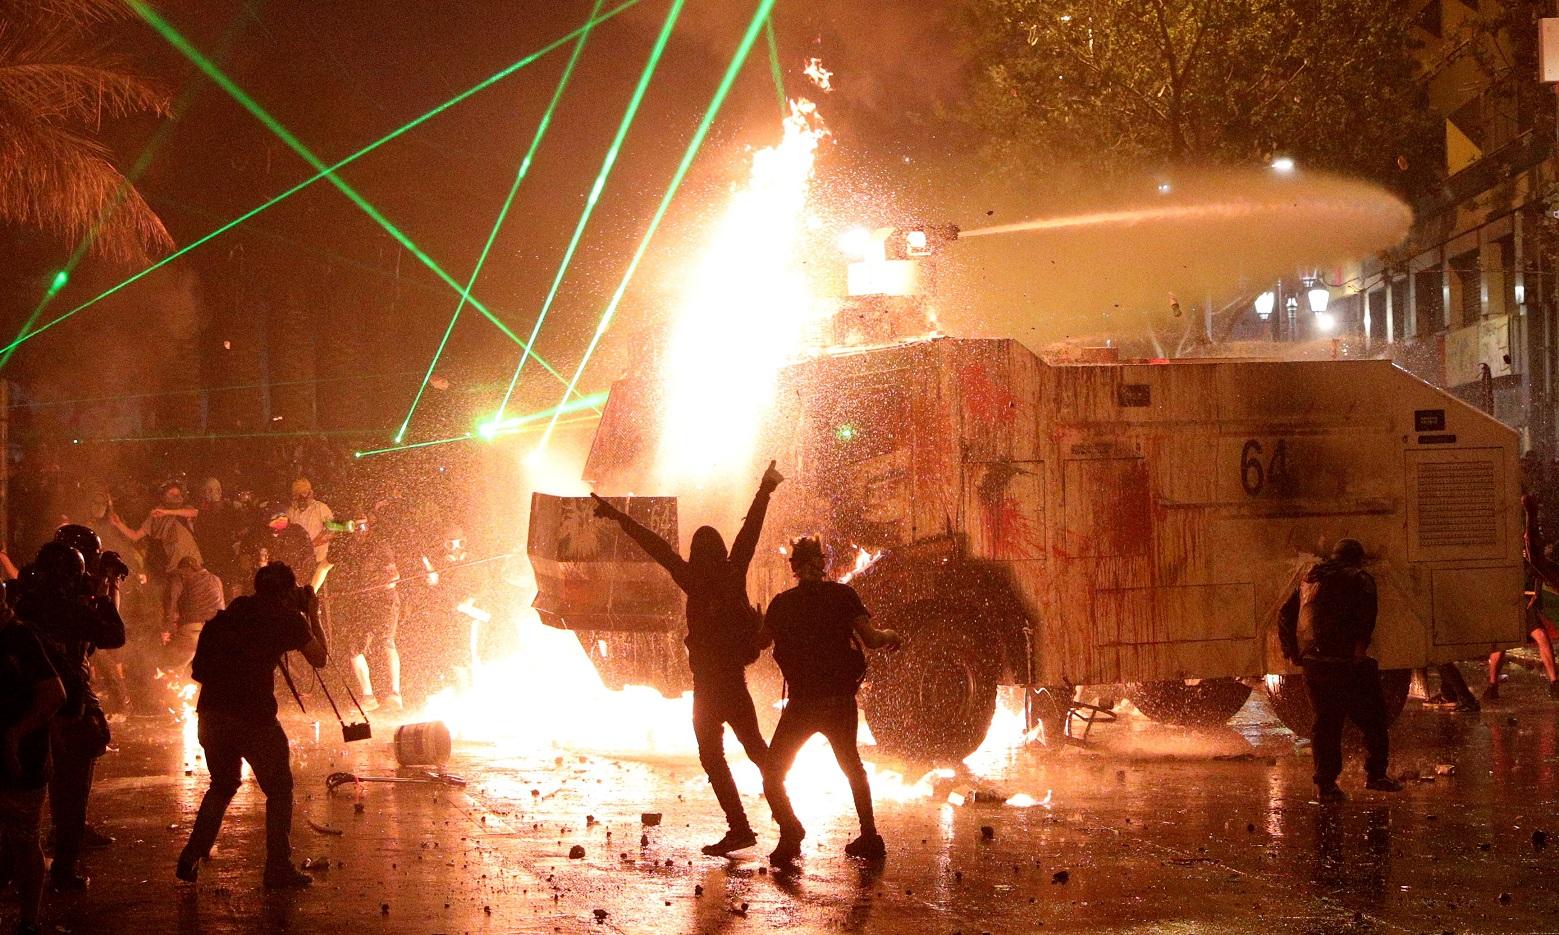 Incidentes en el aniversario del estallido social en Chile -